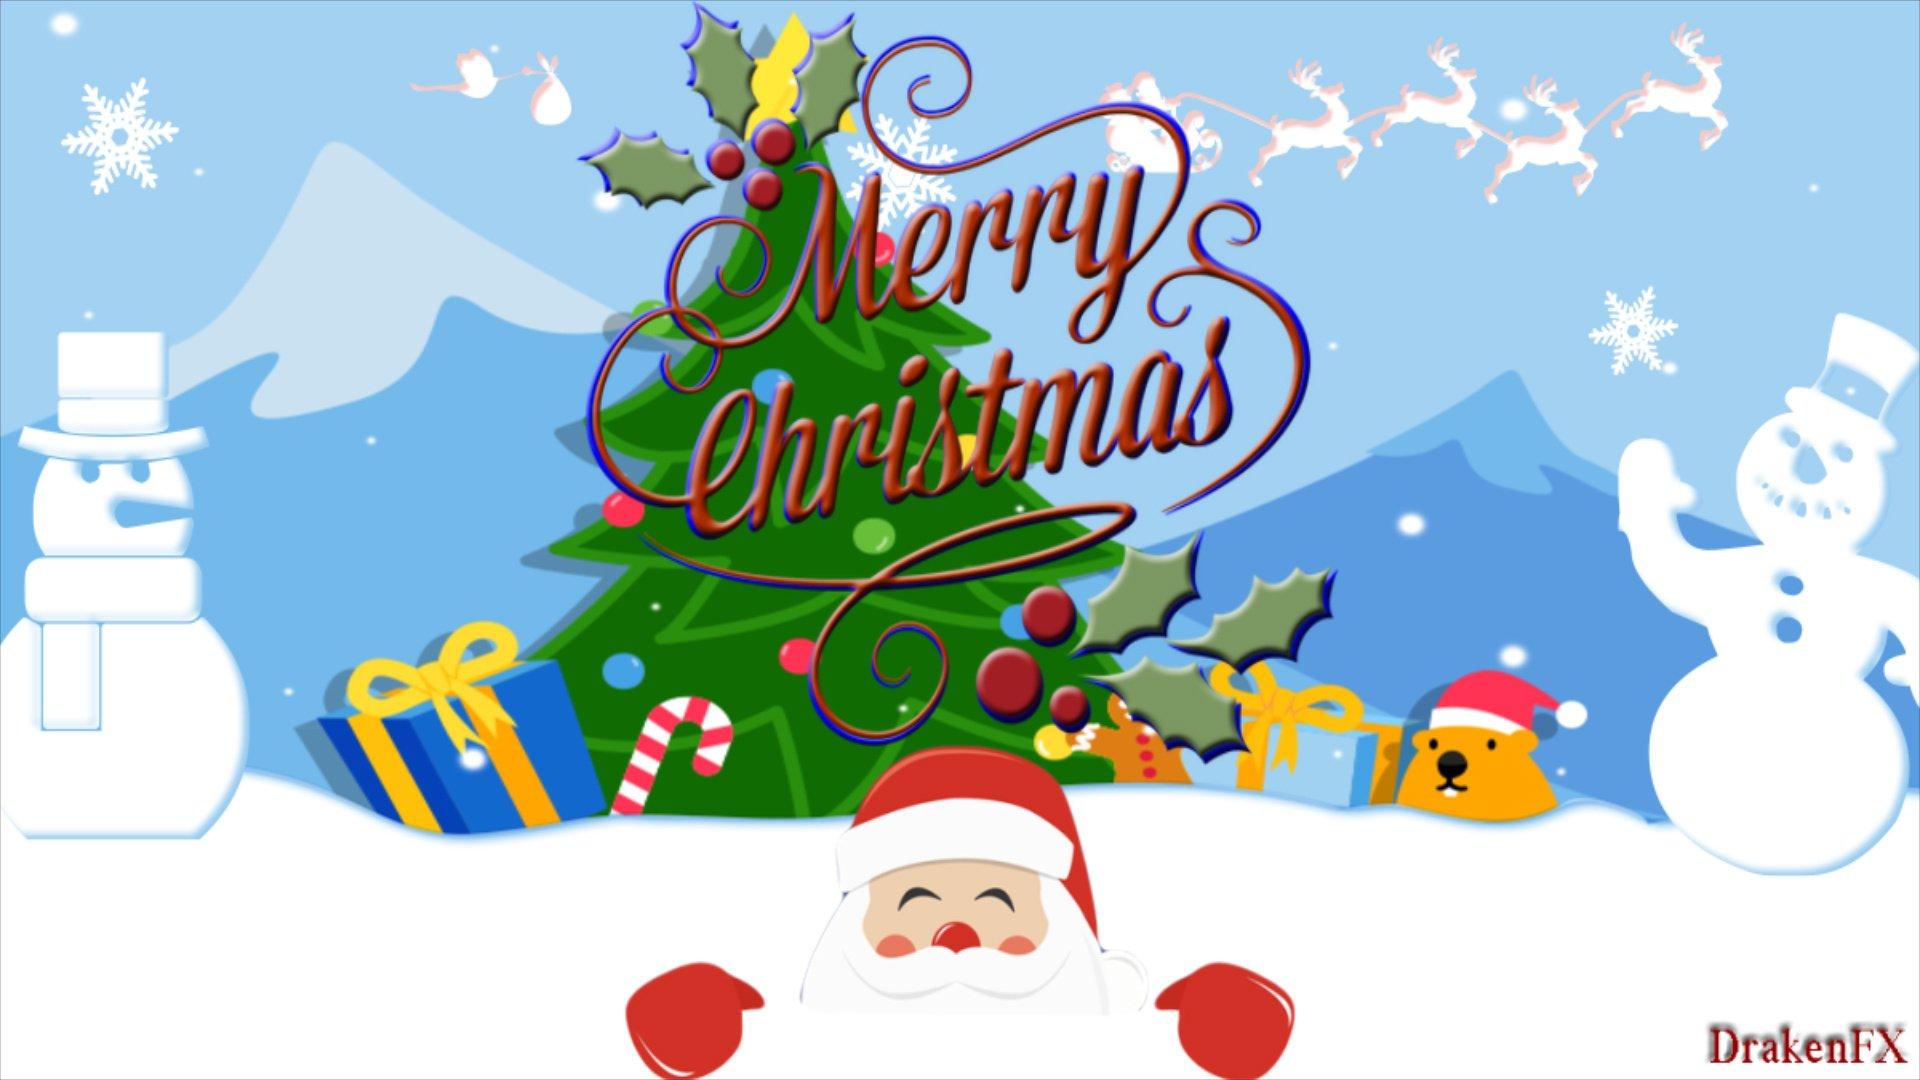 1577235574488_Merry_Christmas_2019_DrakenFX.jpg